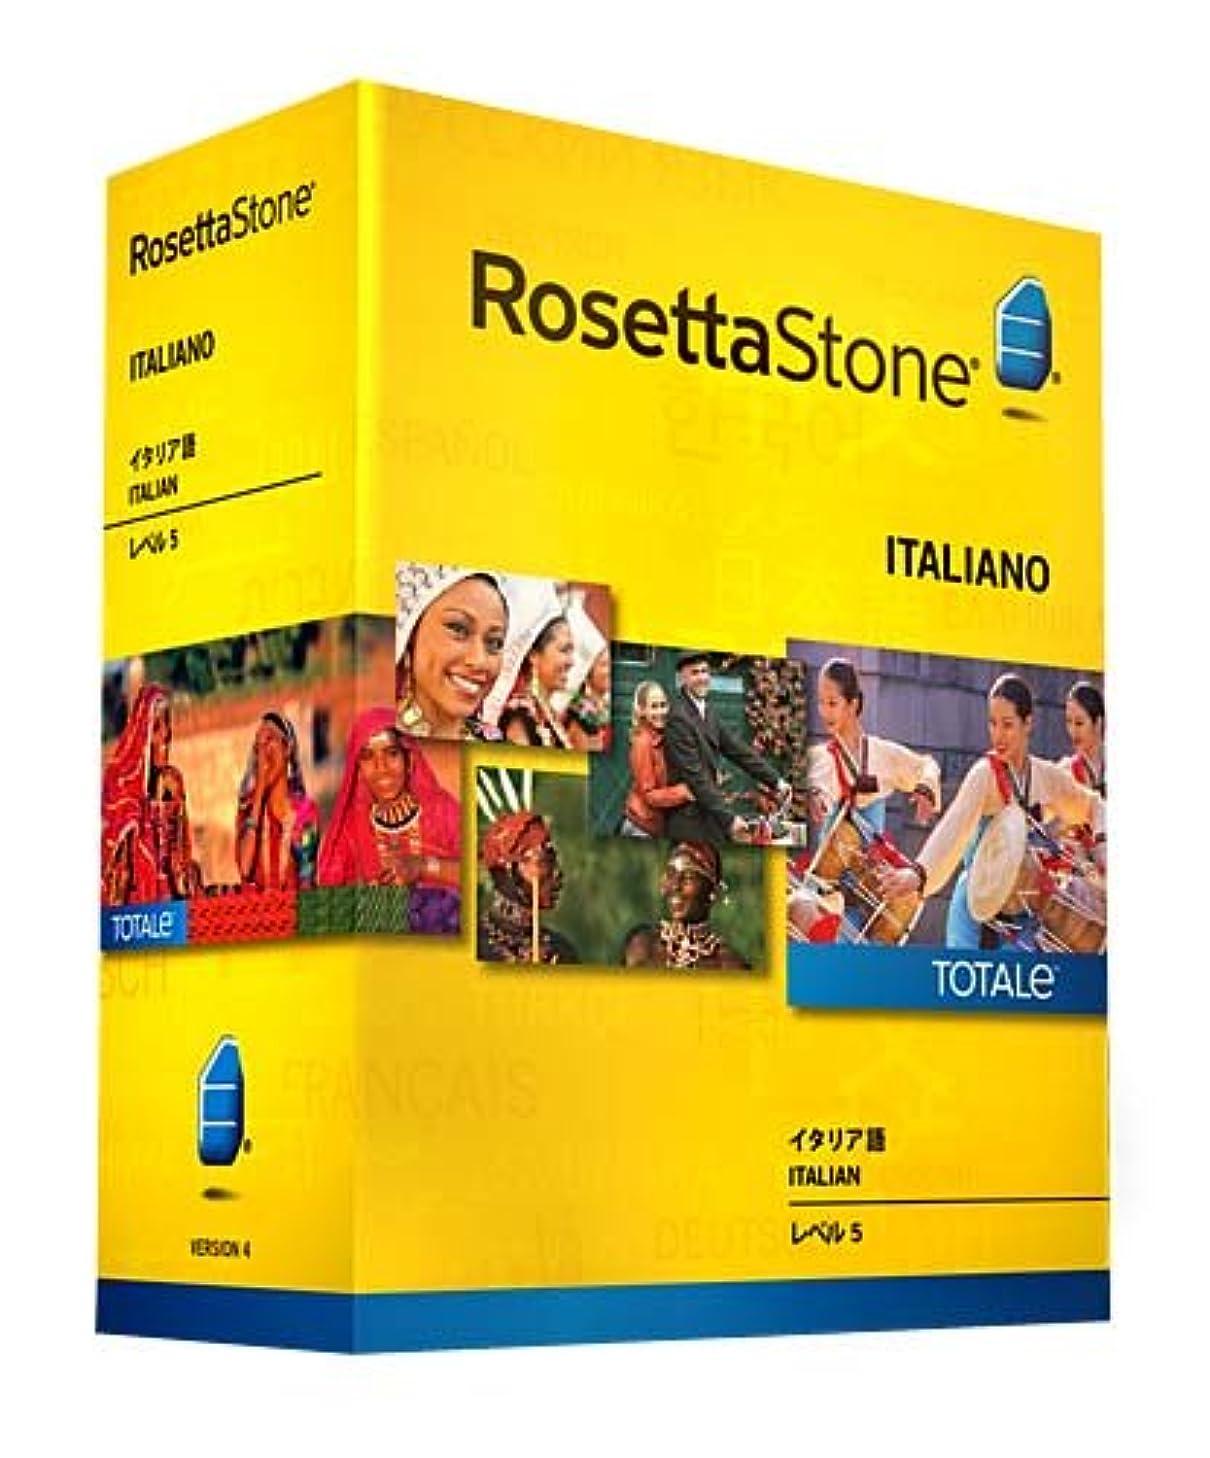 野生高潔な形容詞ロゼッタストーン イタリア語 レベル5 v4 TOTALe